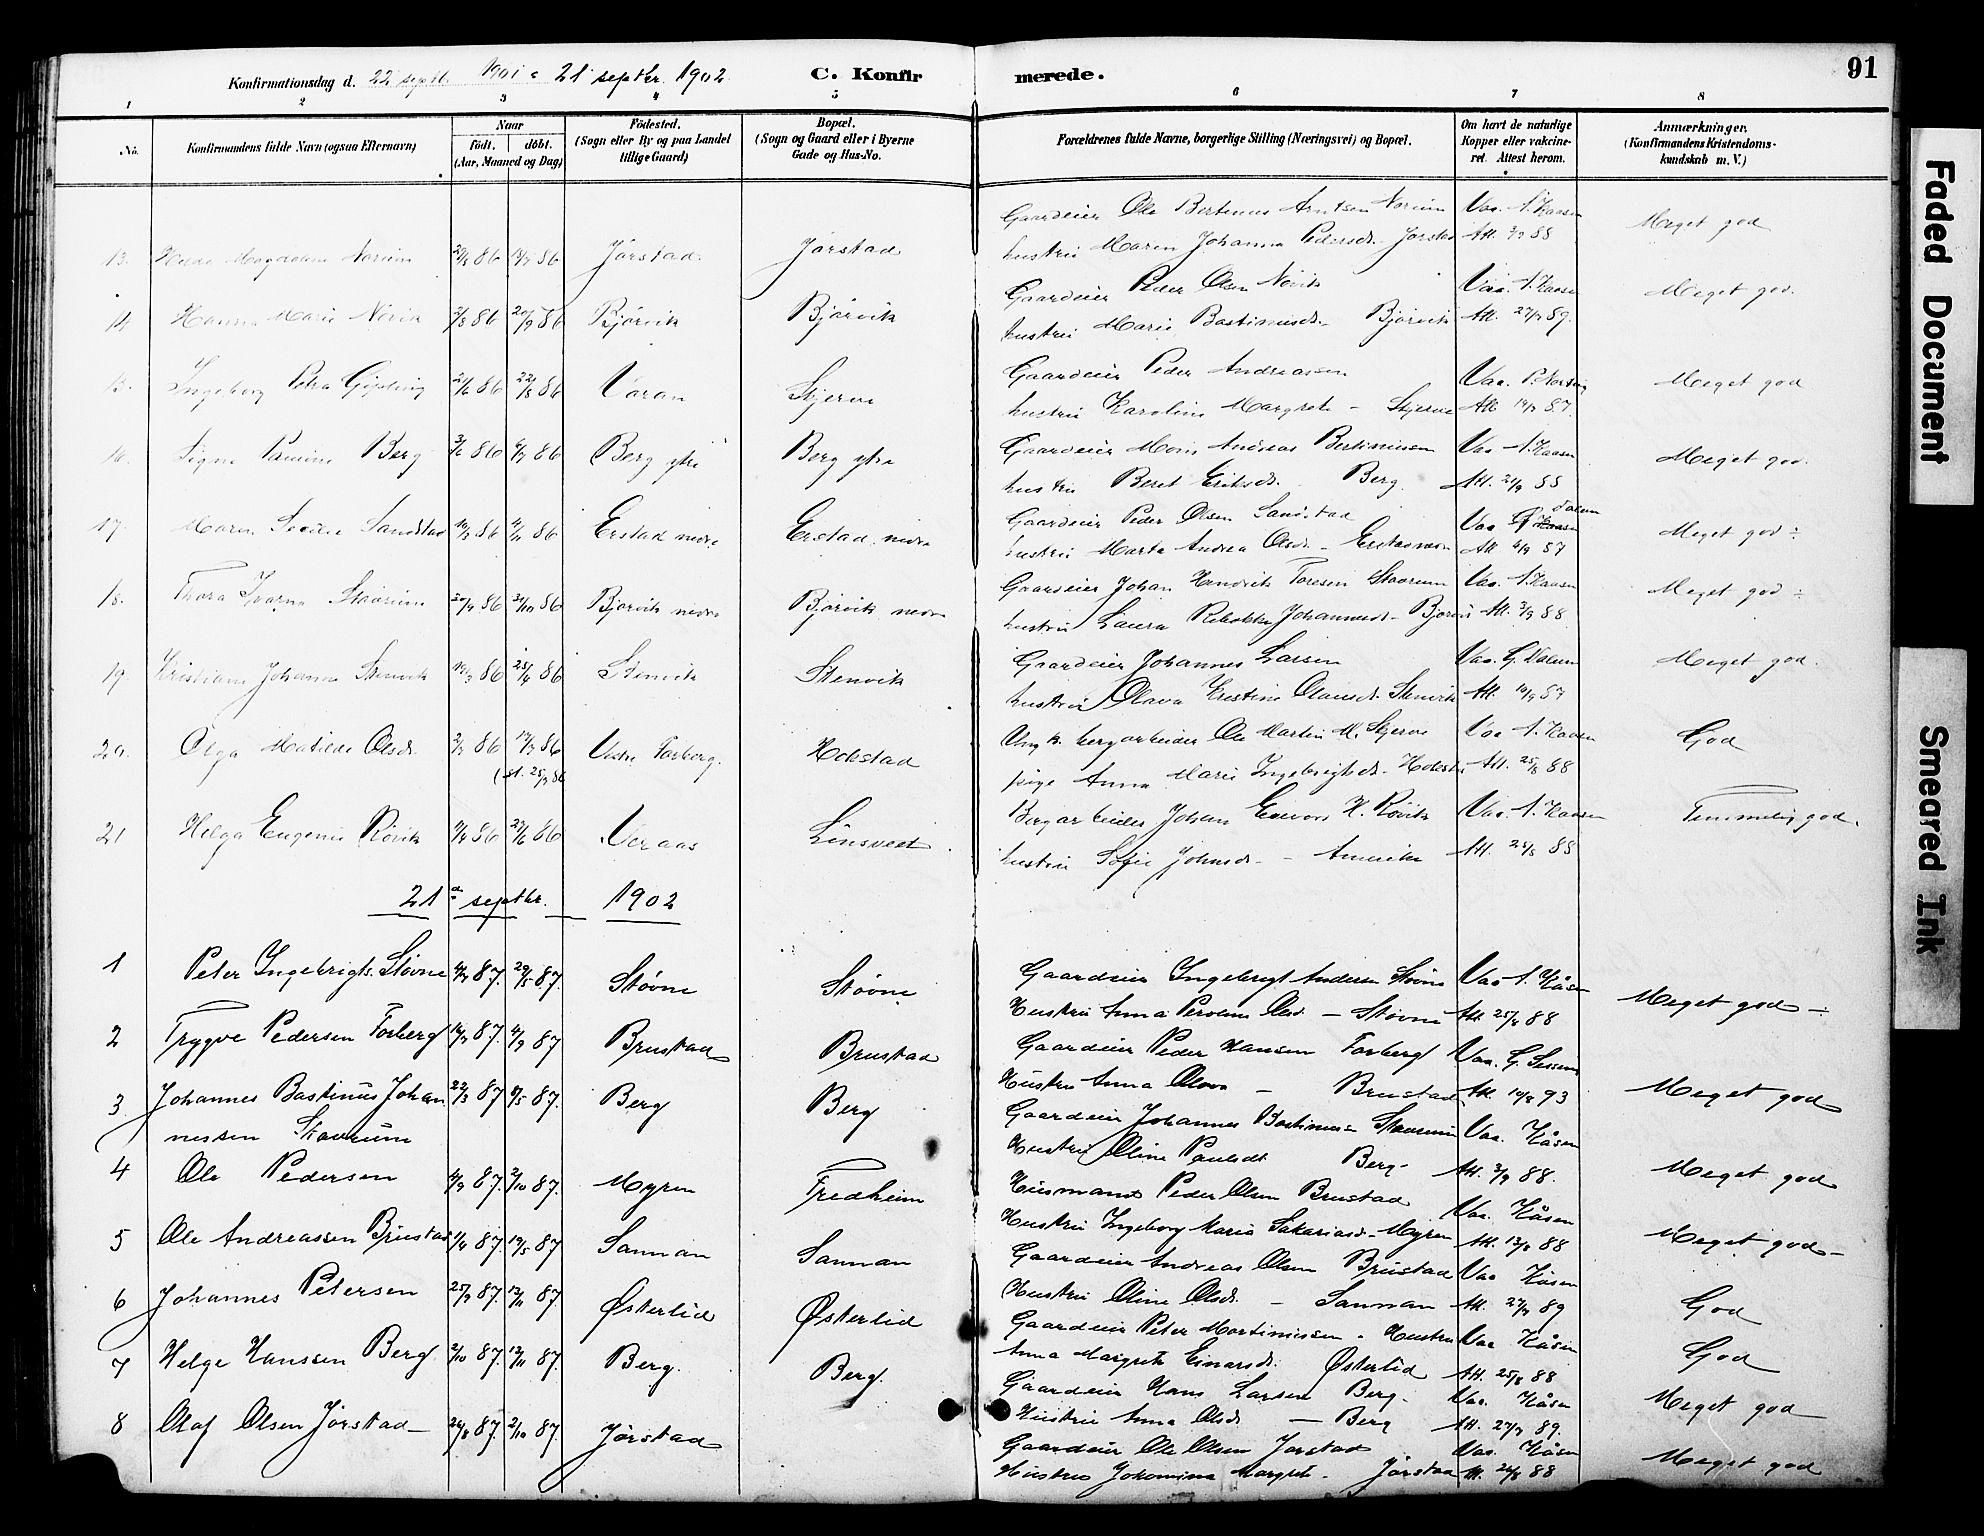 SAT, Ministerialprotokoller, klokkerbøker og fødselsregistre - Nord-Trøndelag, 722/L0226: Klokkerbok nr. 722C02, 1889-1927, s. 91